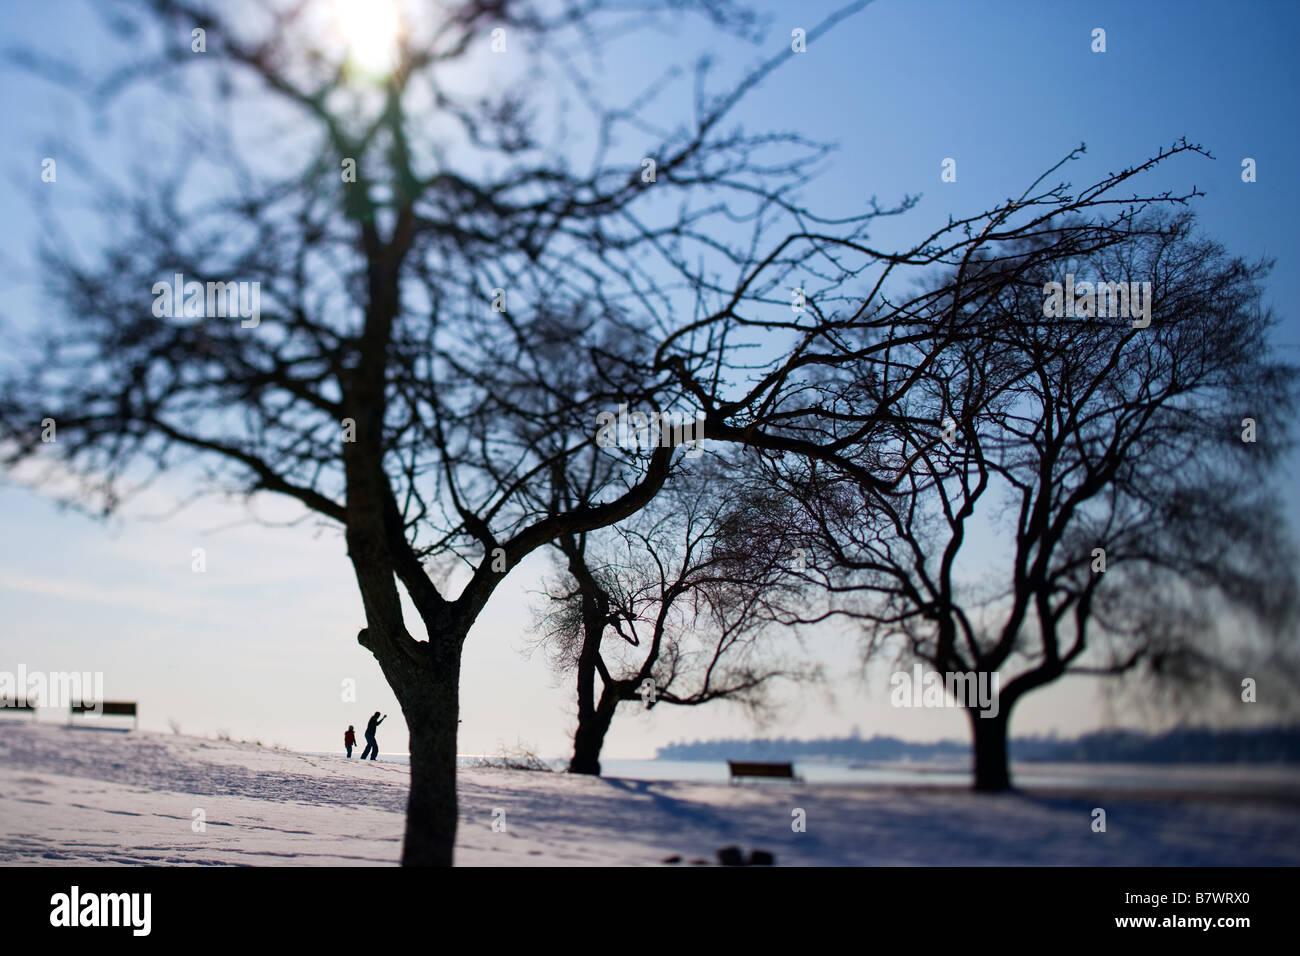 Los árboles de un parque con un padre y un hijo saltando rocas en West Haven CT USA durante el invierno con nieve Foto de stock